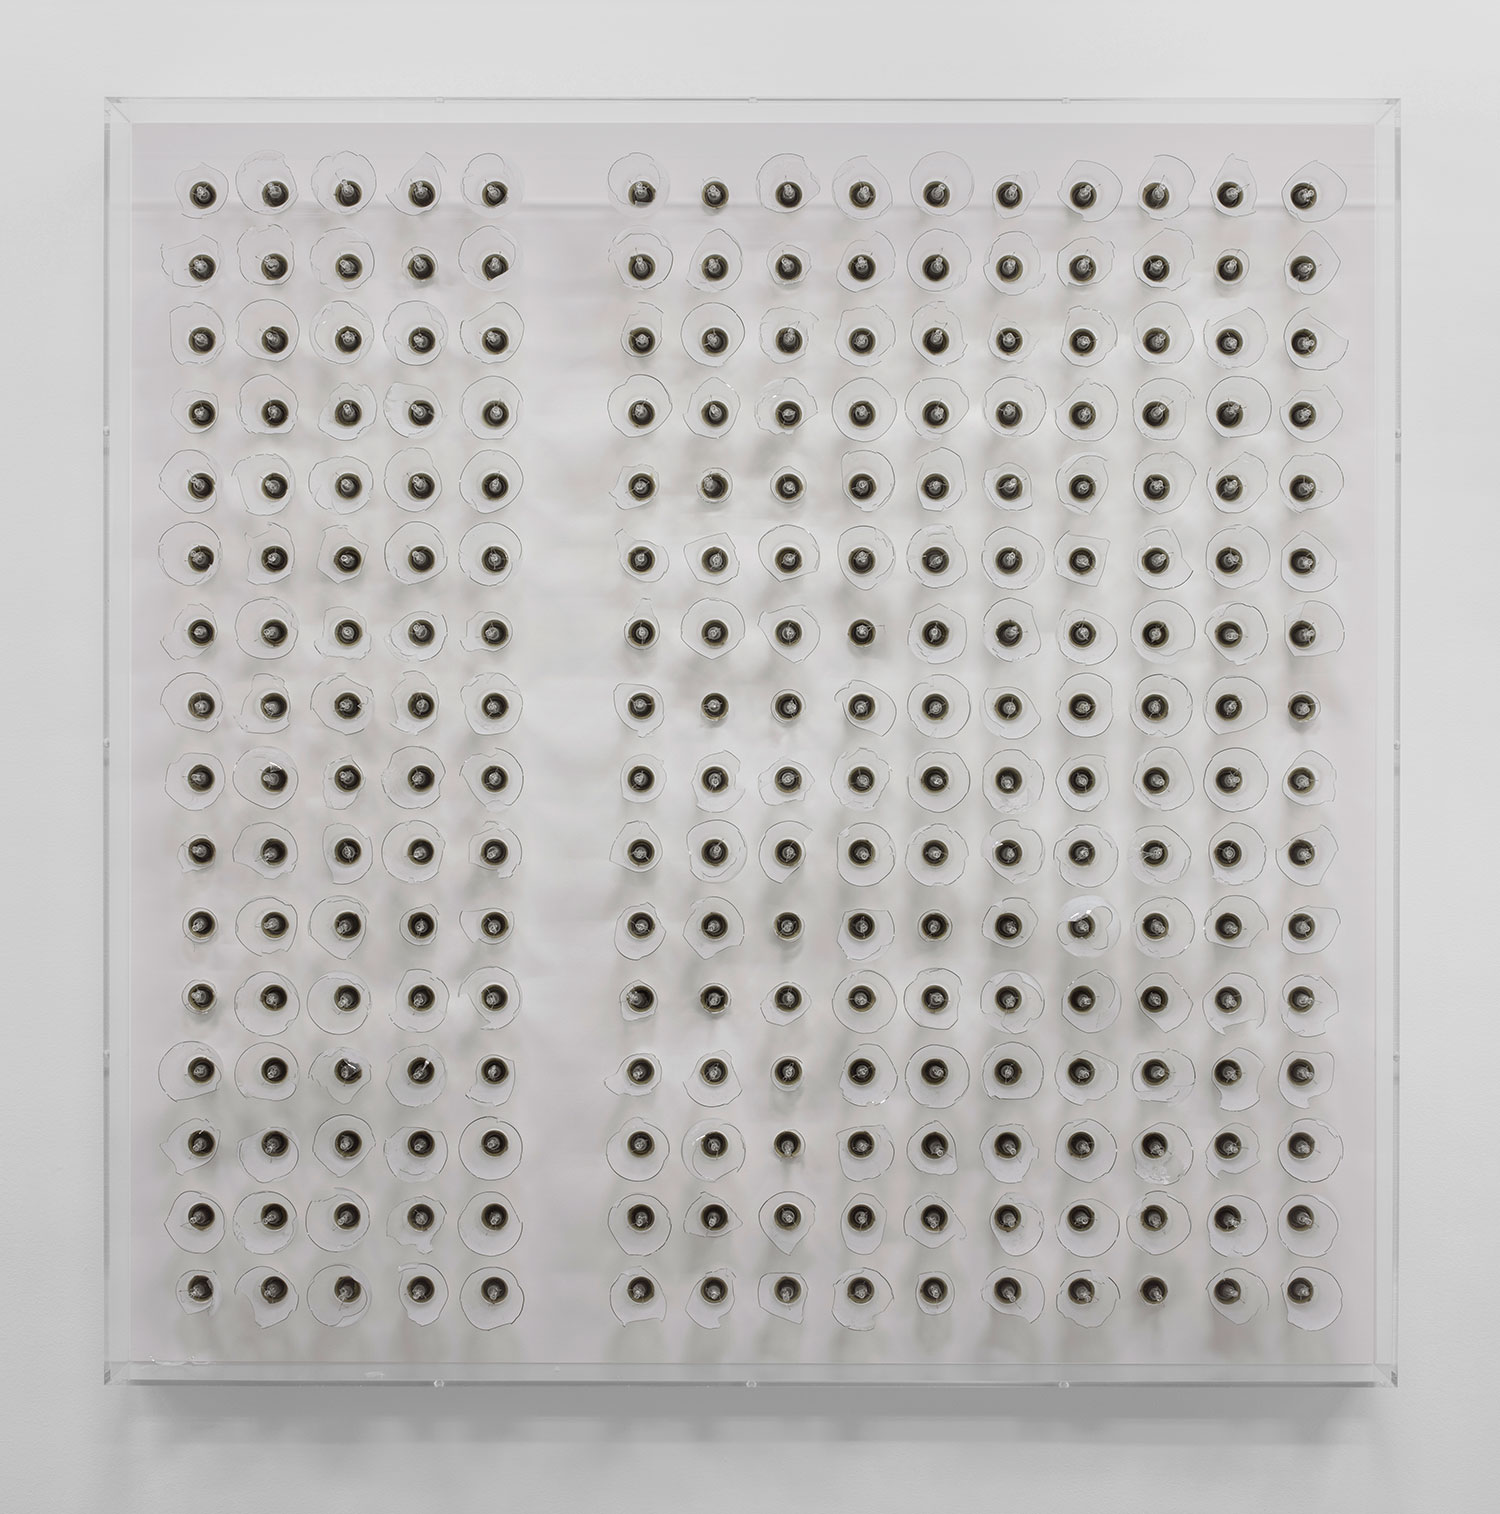 """Michel de Broin,   Crépuscule #240 , 2018, Ampoules, bois, acrylique, 47 1/8"""" x 47 1/8"""" x 5 1/4""""."""